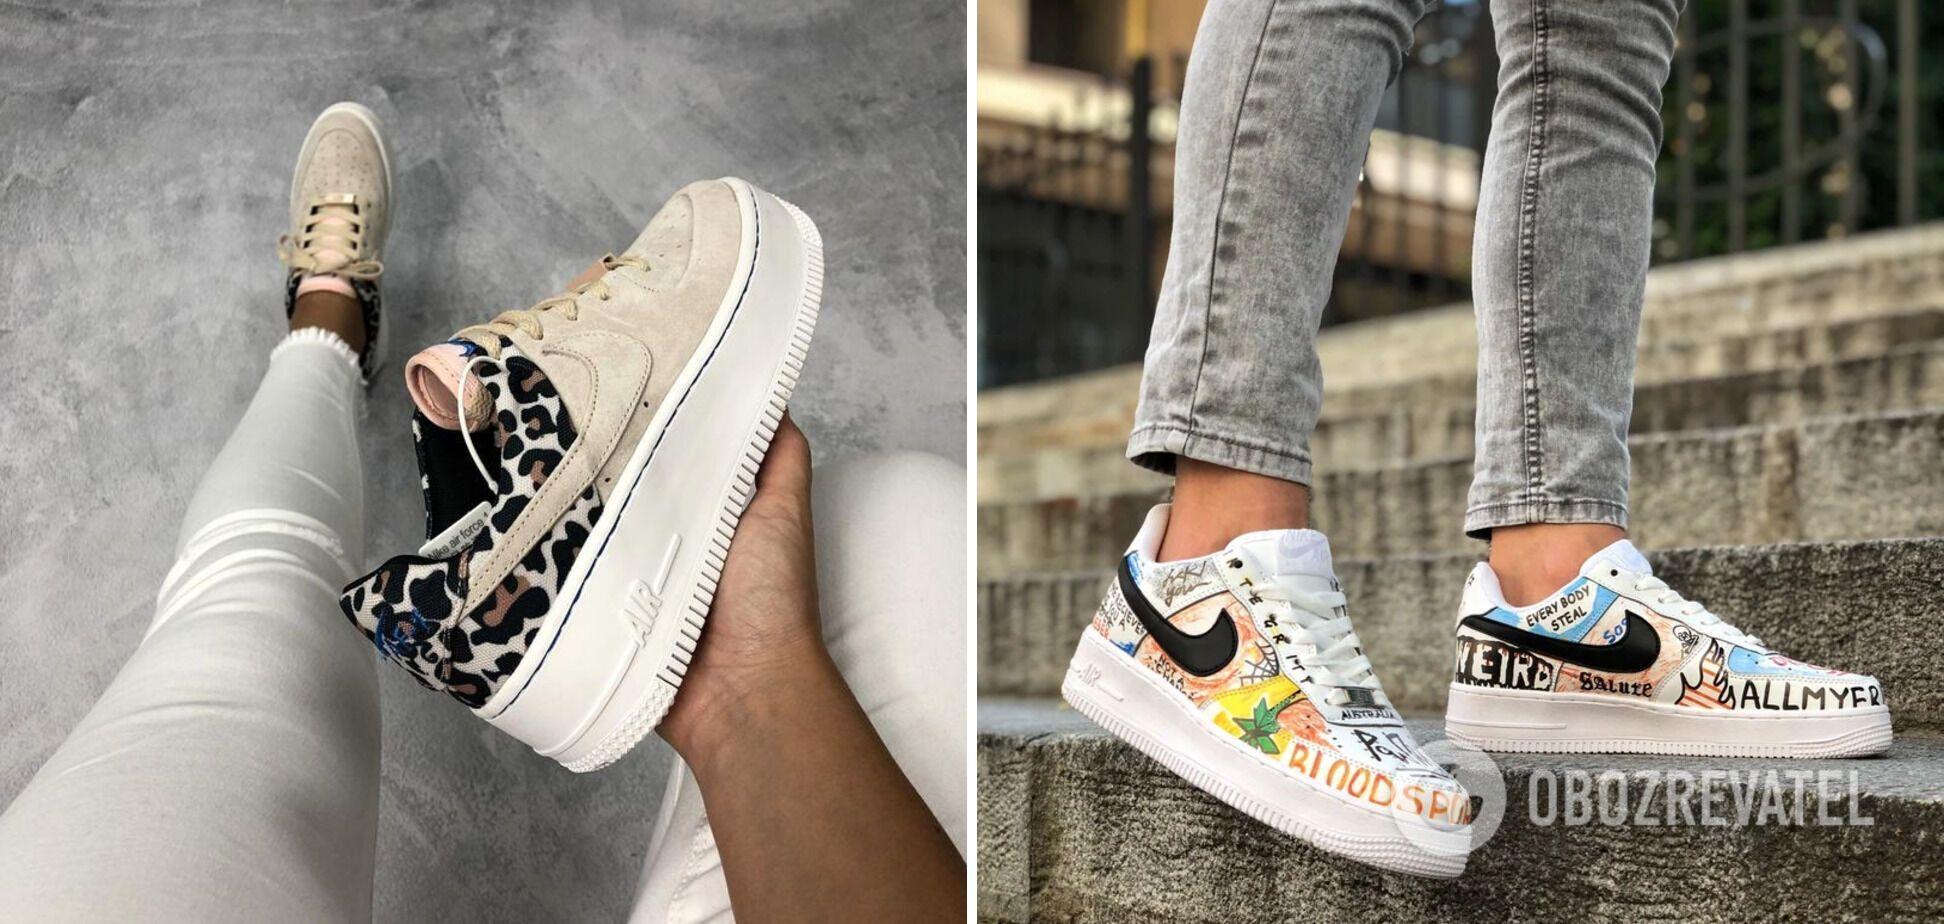 У 2021 року дизайнери випускають кросівки з цікавими принтами